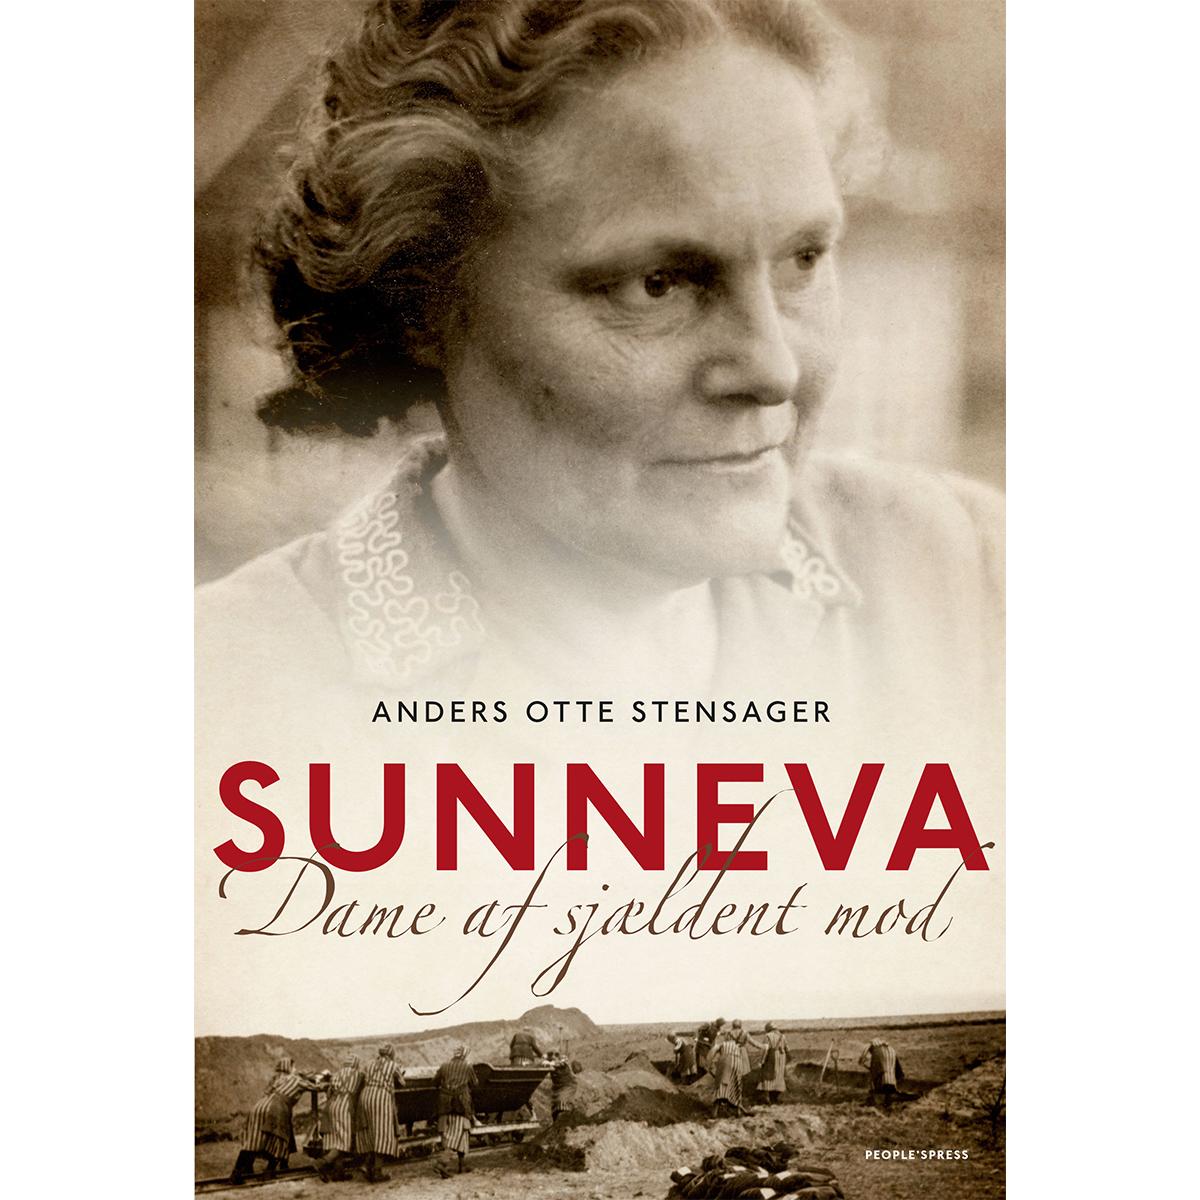 Sunneva - dame af sjældent mod - Indbundet